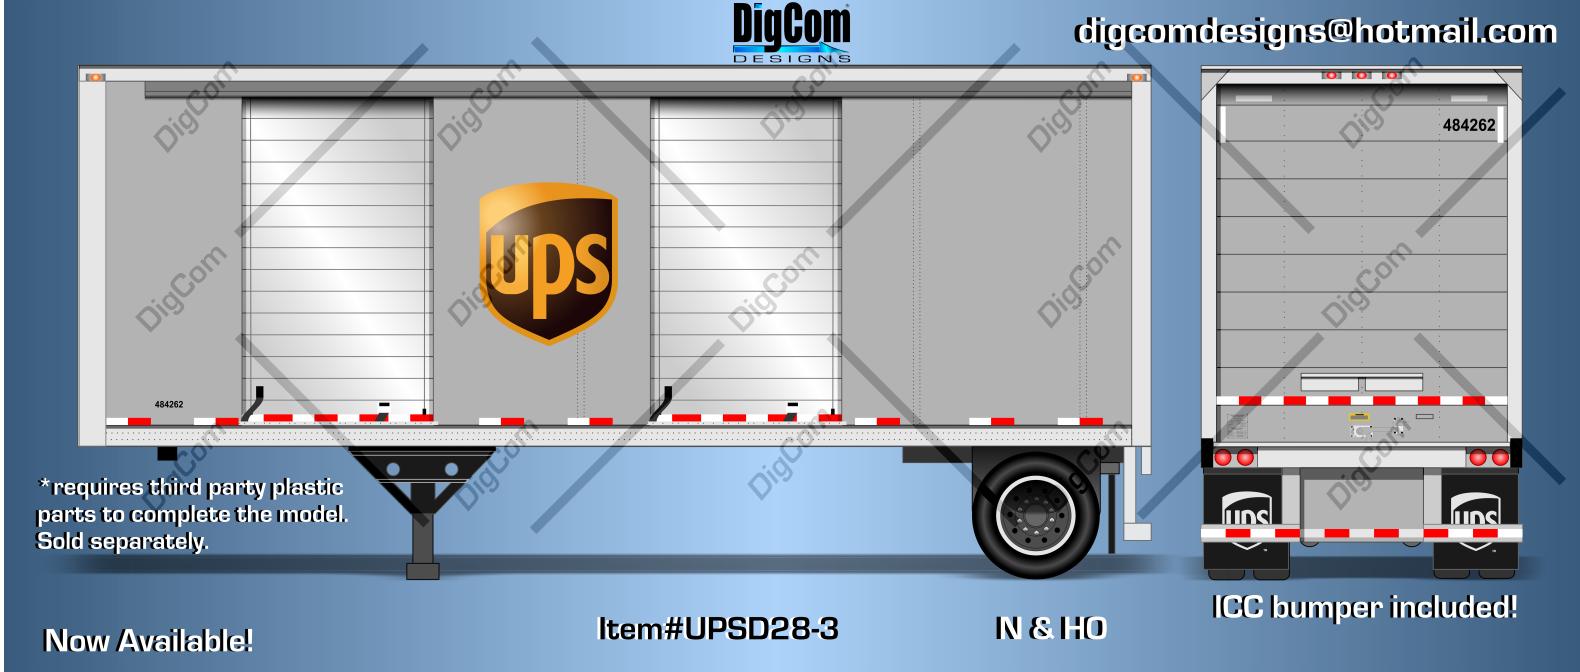 UPSD28-3